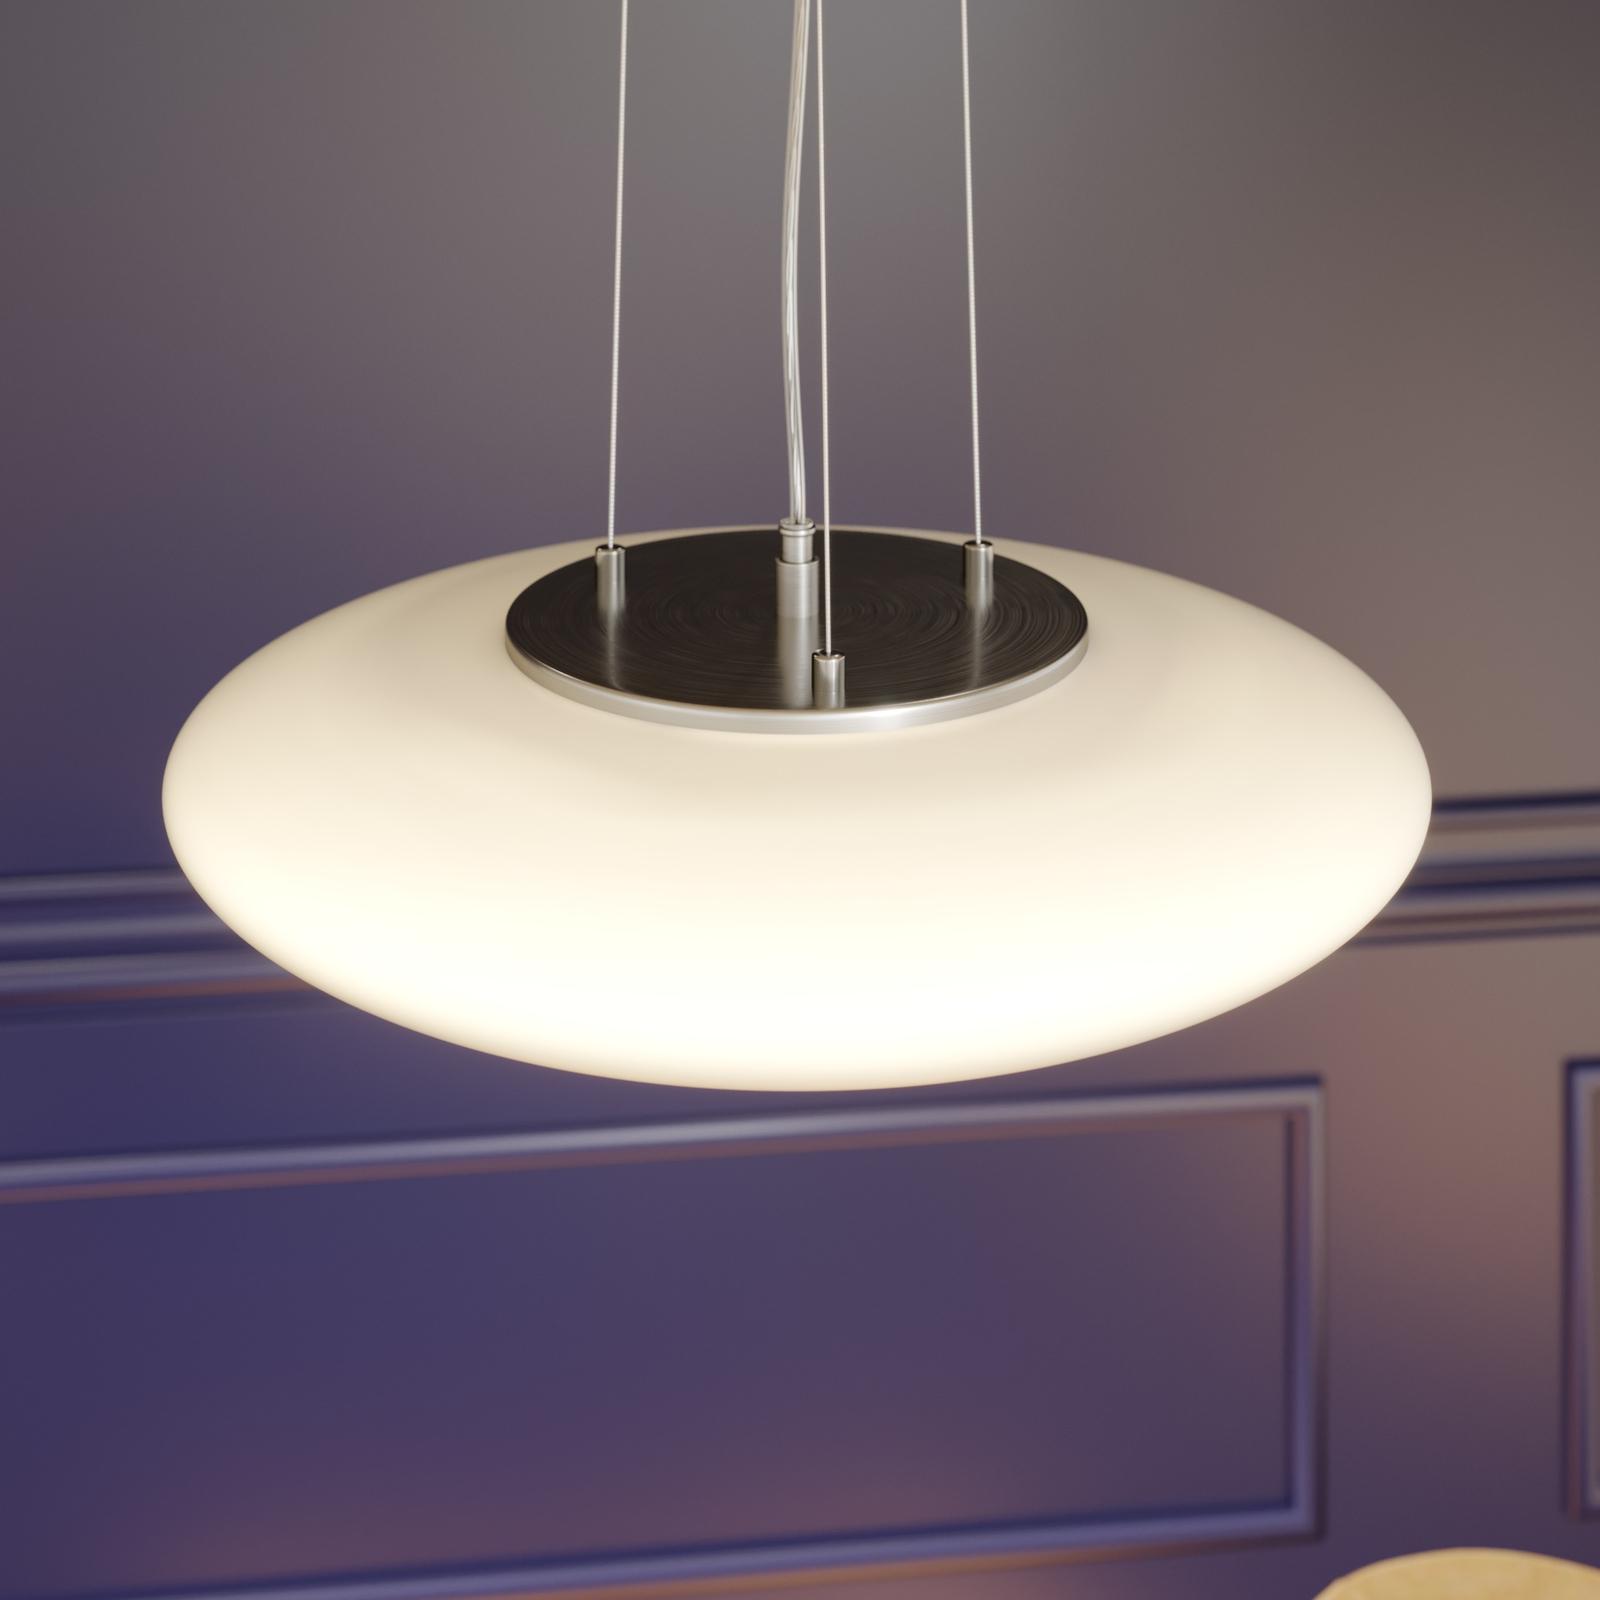 LED-opalglass-pendellampe Gunda i hvitt